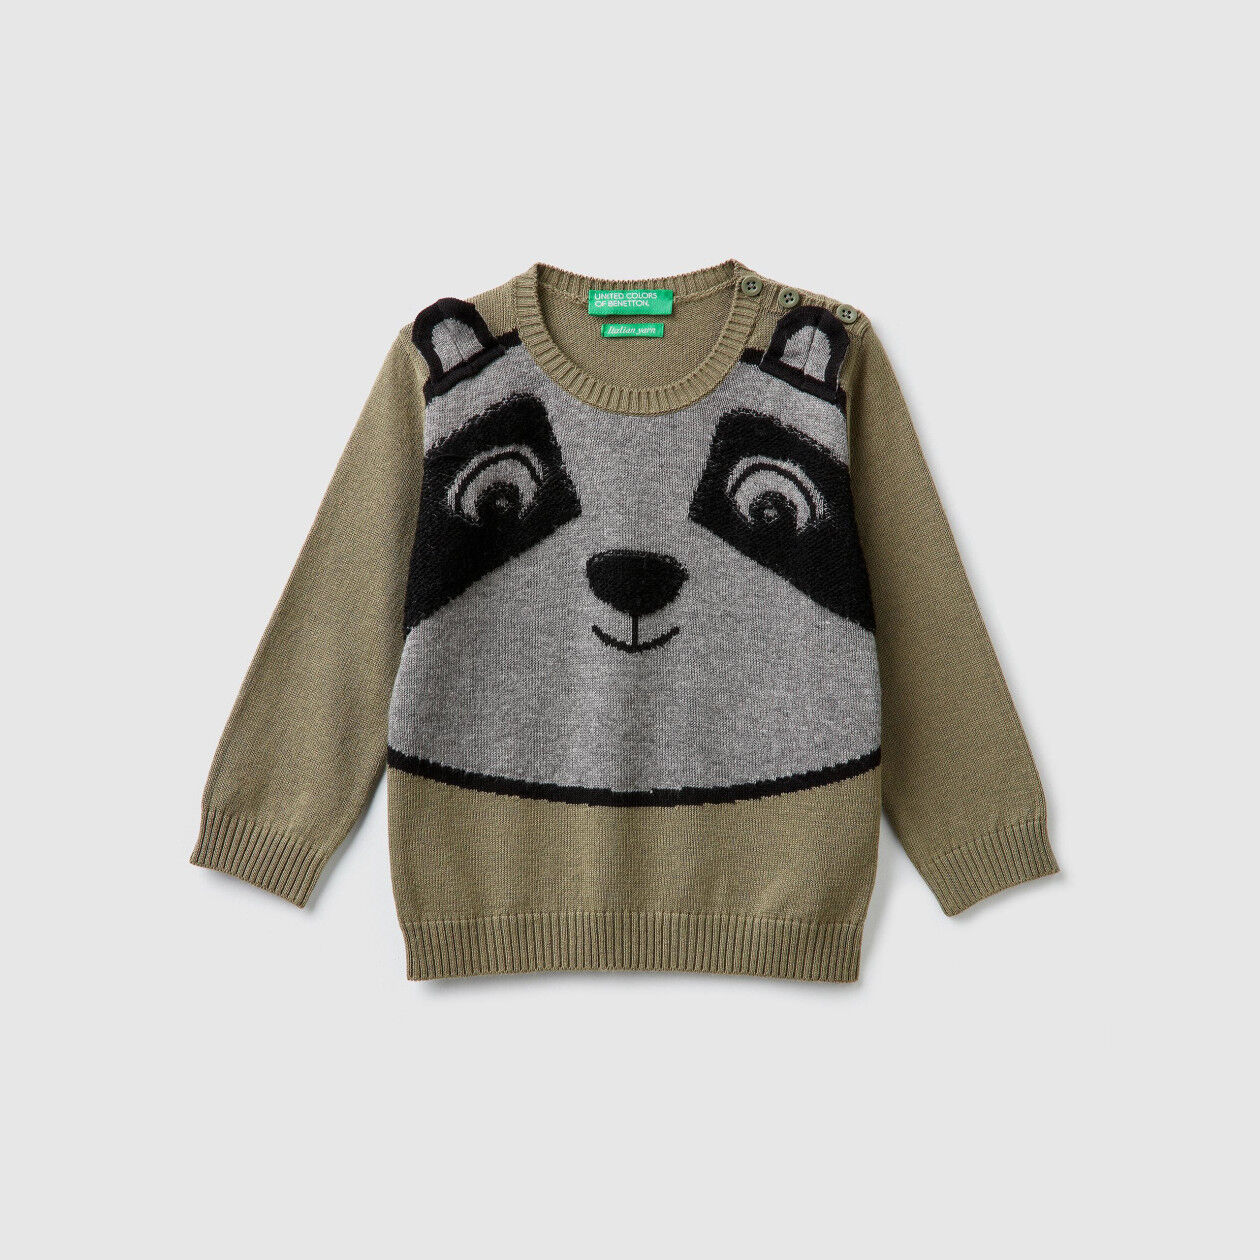 Pullover mit Intarsienarbeit in Tierform